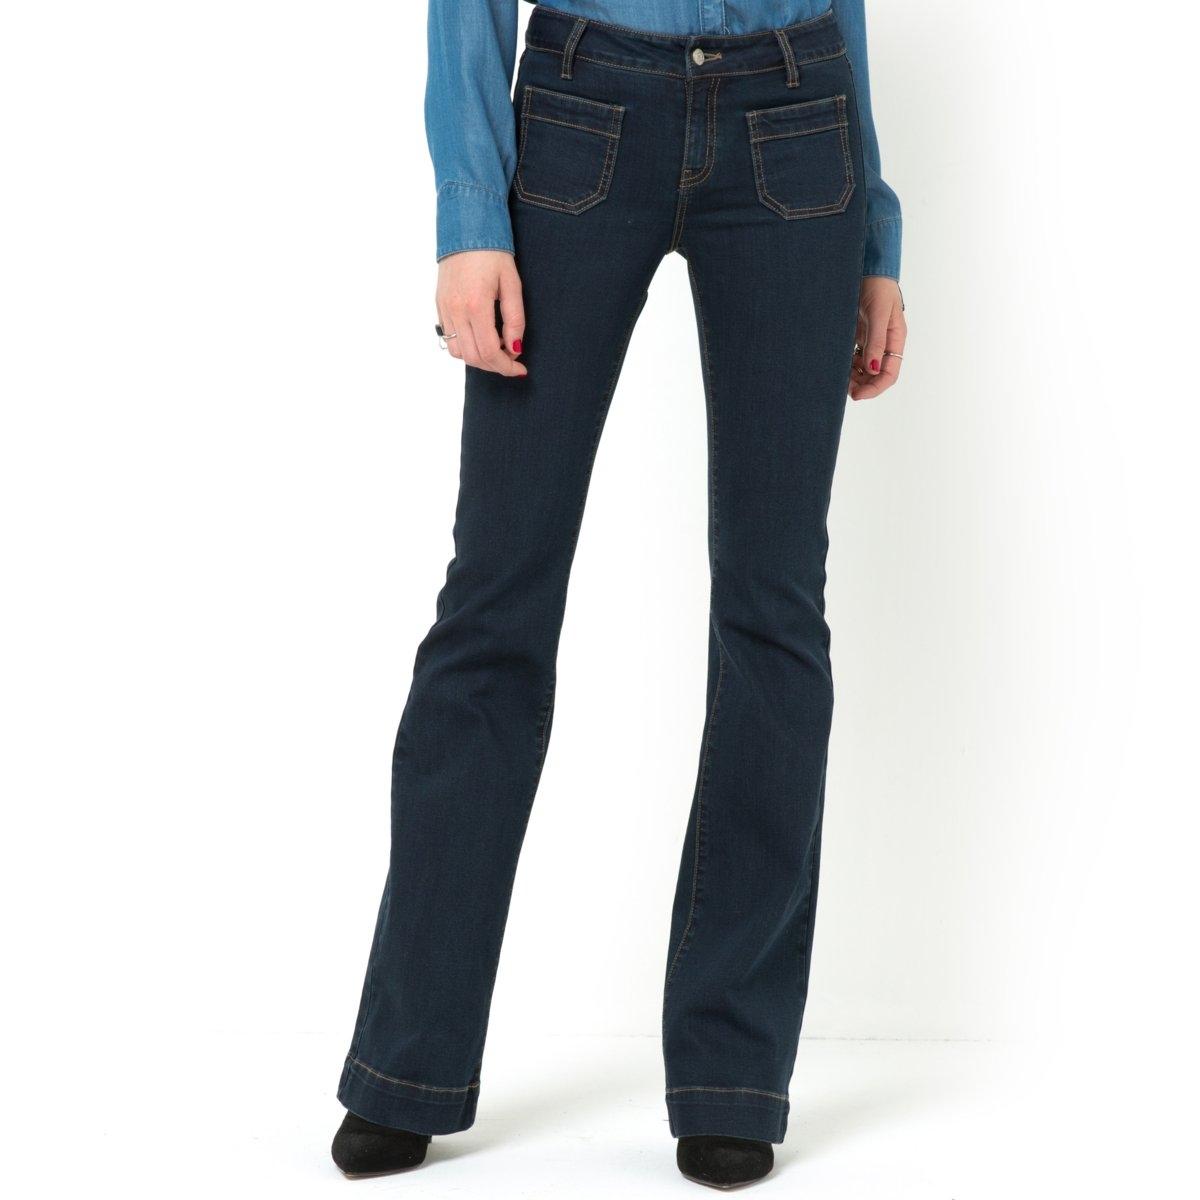 Джинсы расклешенные из денима стретчЭластомультиэстер - полиэстеровое волокно, добавляемое в деним для большего комфорта.Эластомультиэстер придает джинсам эластичность и способность долго сохранять форму.<br><br>Цвет: синий выбеленный,темно-синий<br>Размер: 44 (FR) - 50 (RUS)